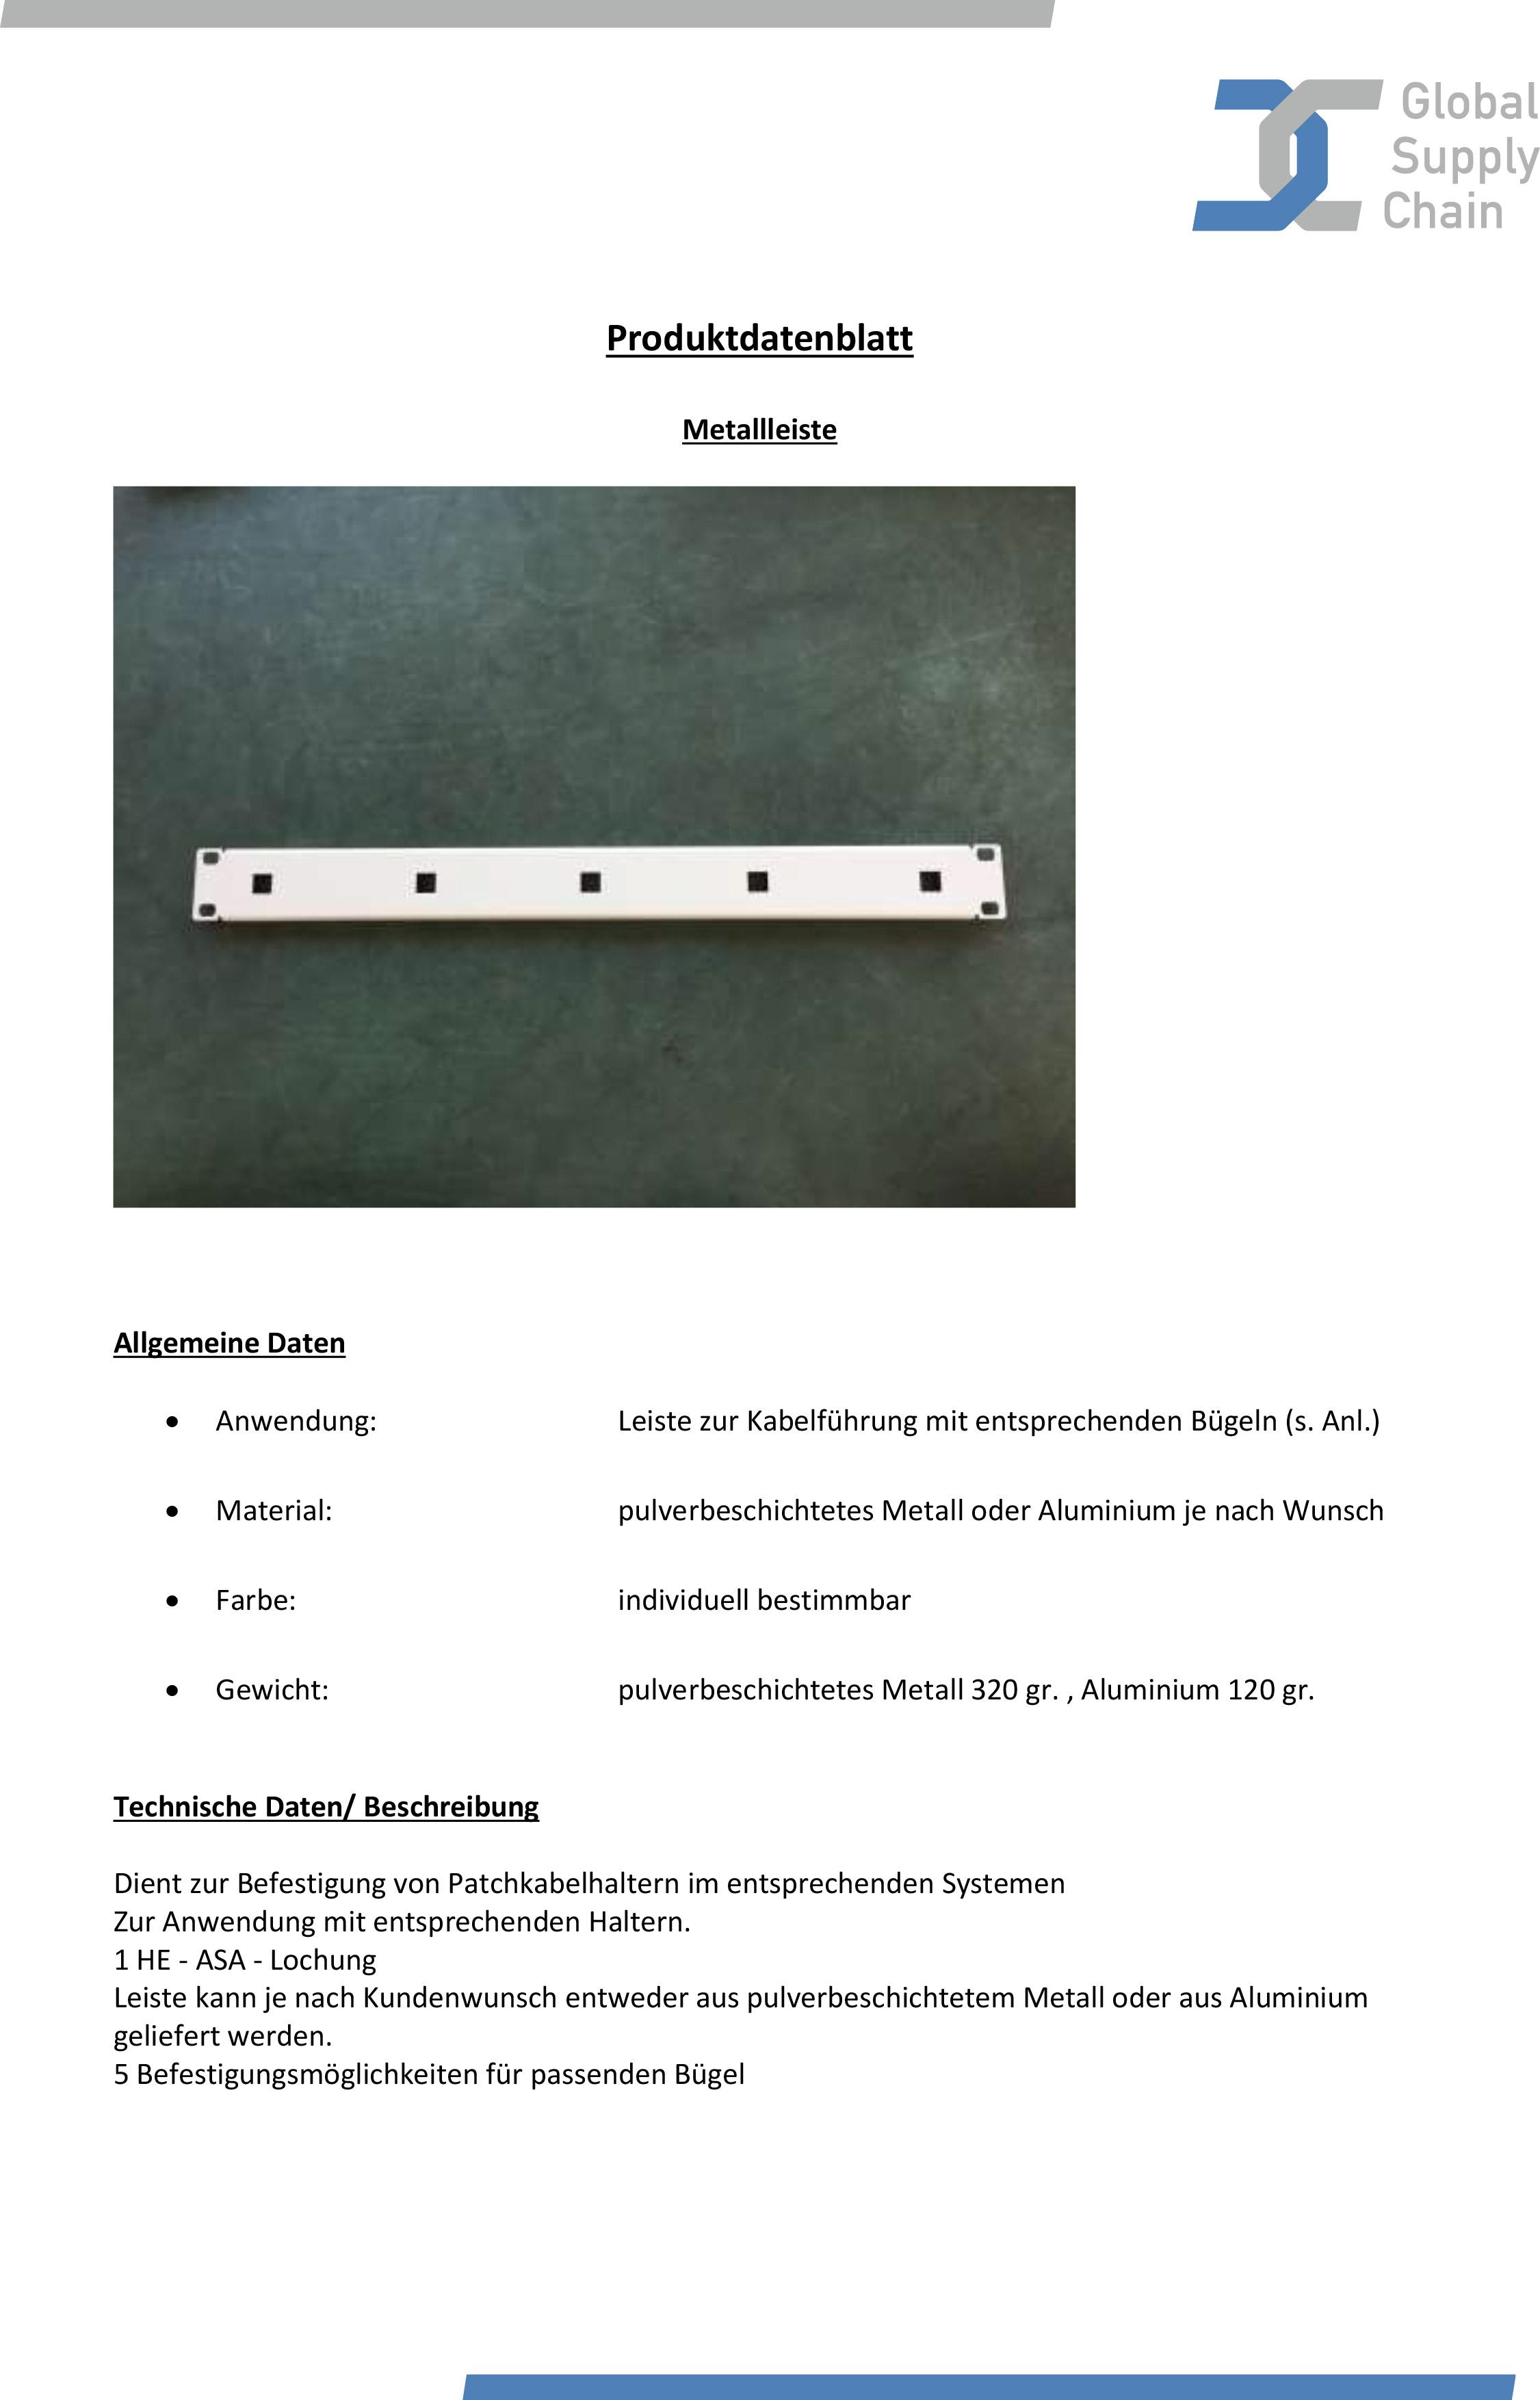 Produktdatenblatt Metallleiste GSC